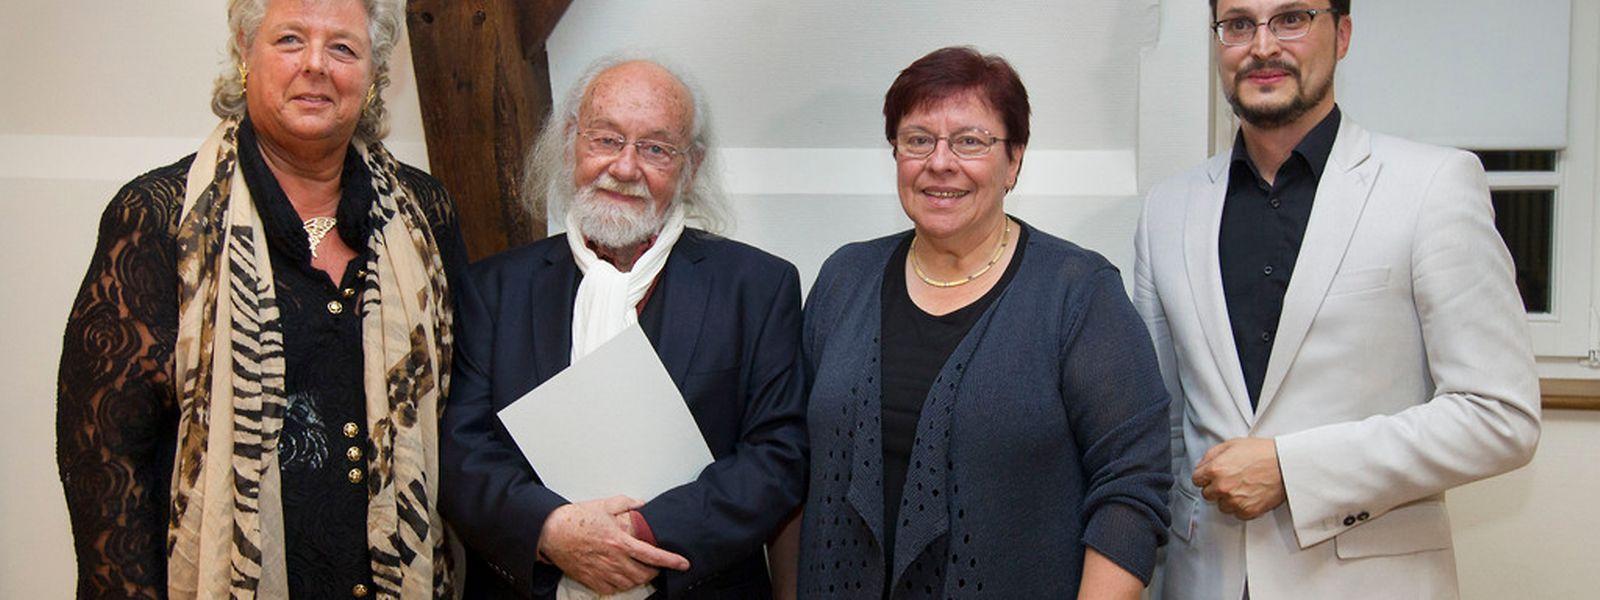 Remise du Prix Batty Weber a Lambert Schlechter.